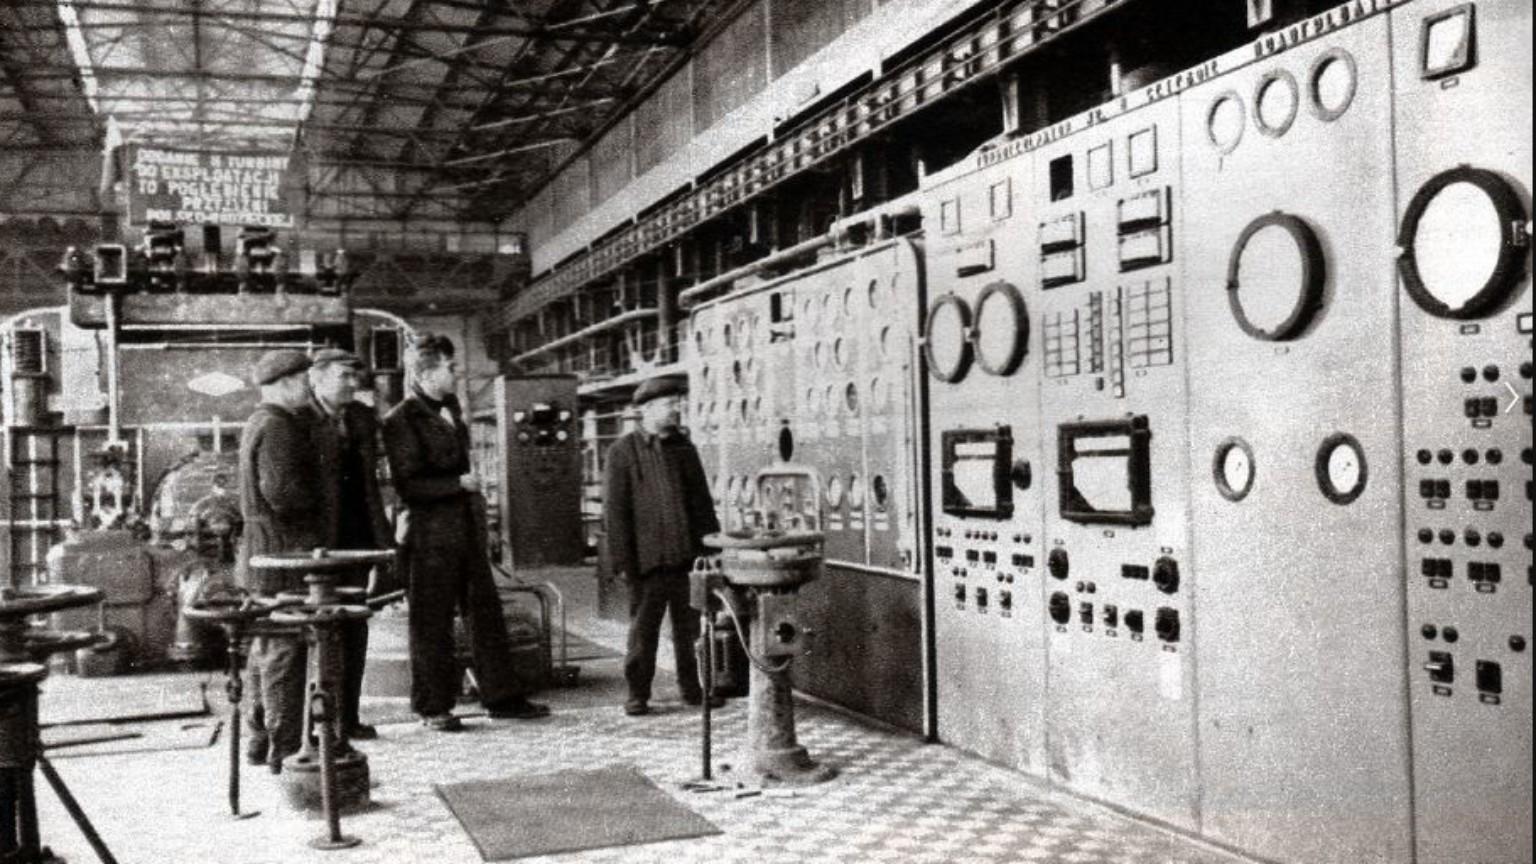 Zdjęcie dla kartki: Uruchomienie pierwszej turbiny w elektrociepłowni Żerań